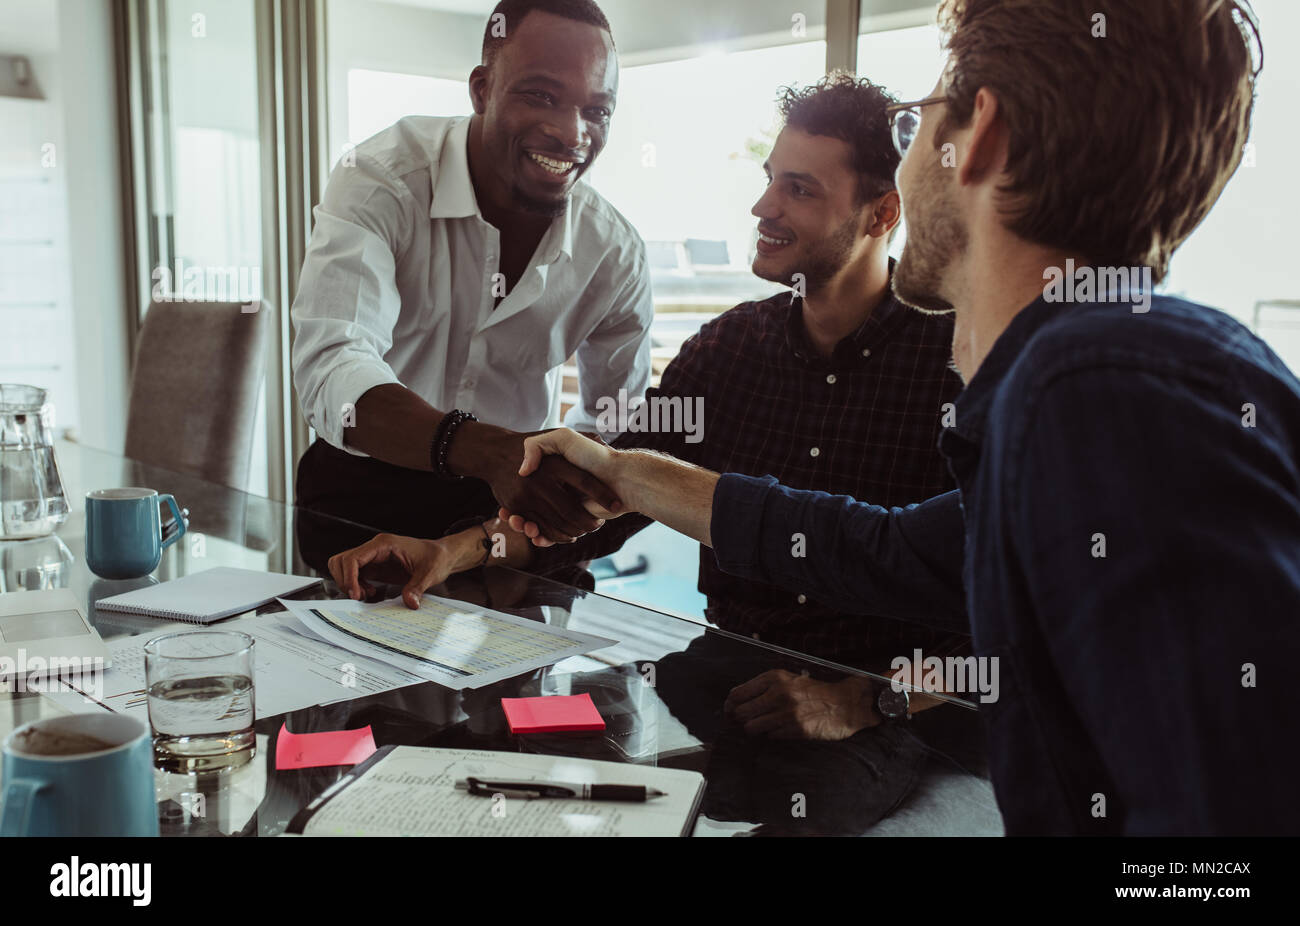 Los empresarios discutiendo trabaje sentado en la mesa de conferencias en la oficina. Los hombres se estrechan las manos y sonriente durante una reunión de negocios. Imagen De Stock